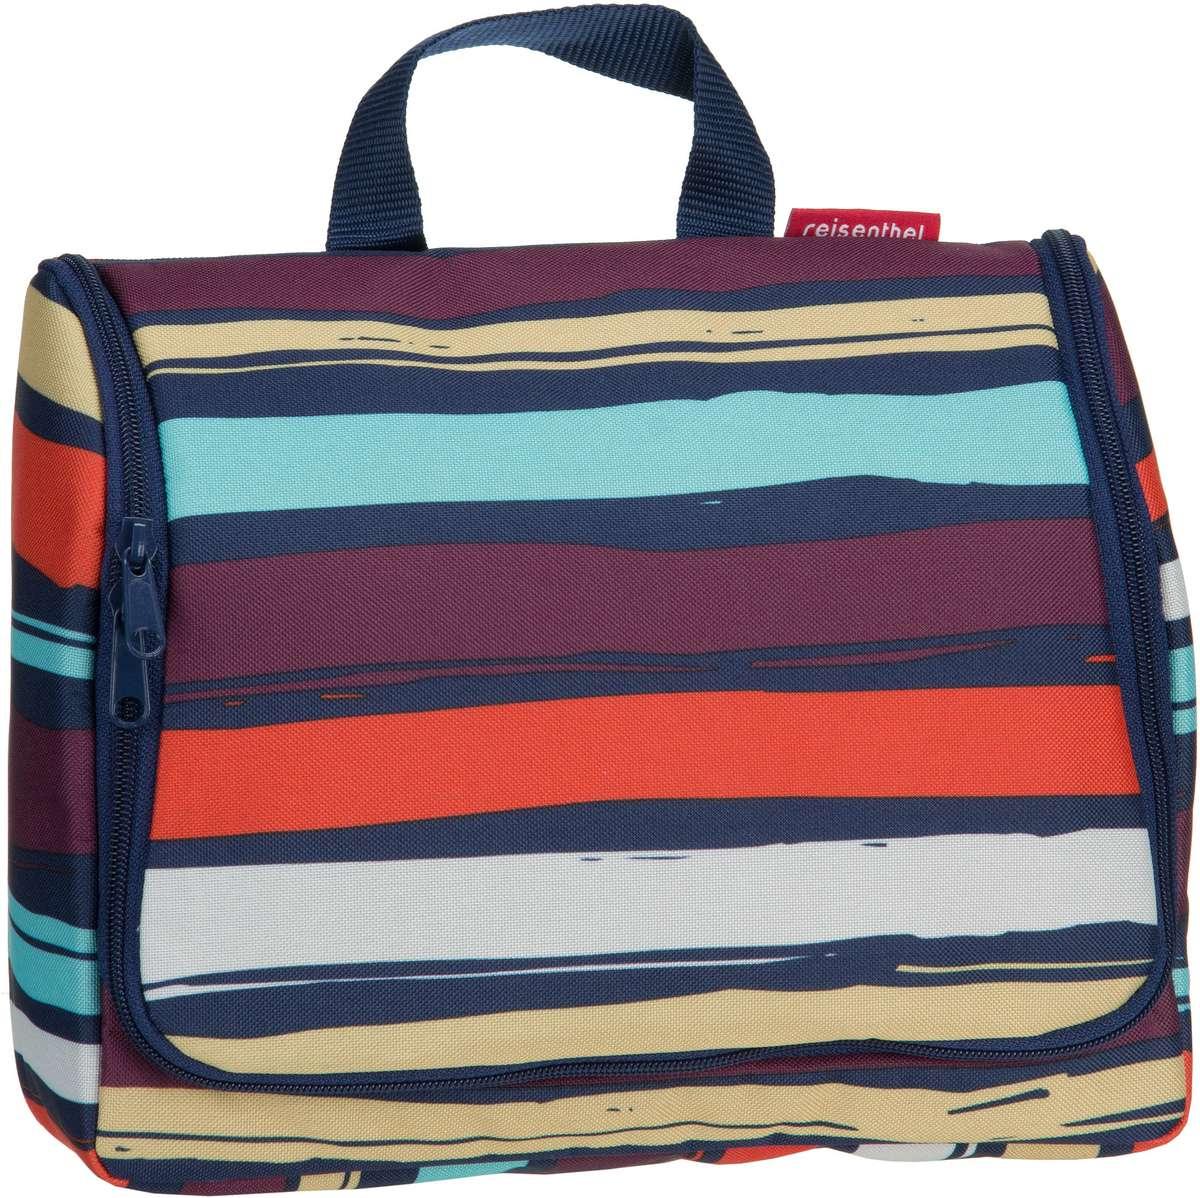 Reisegepaeck für Frauen - reisenthel Kulturbeutel Beauty Case toiletbag XL Artist Stripes (4 Liter)  - Onlineshop Taschenkaufhaus